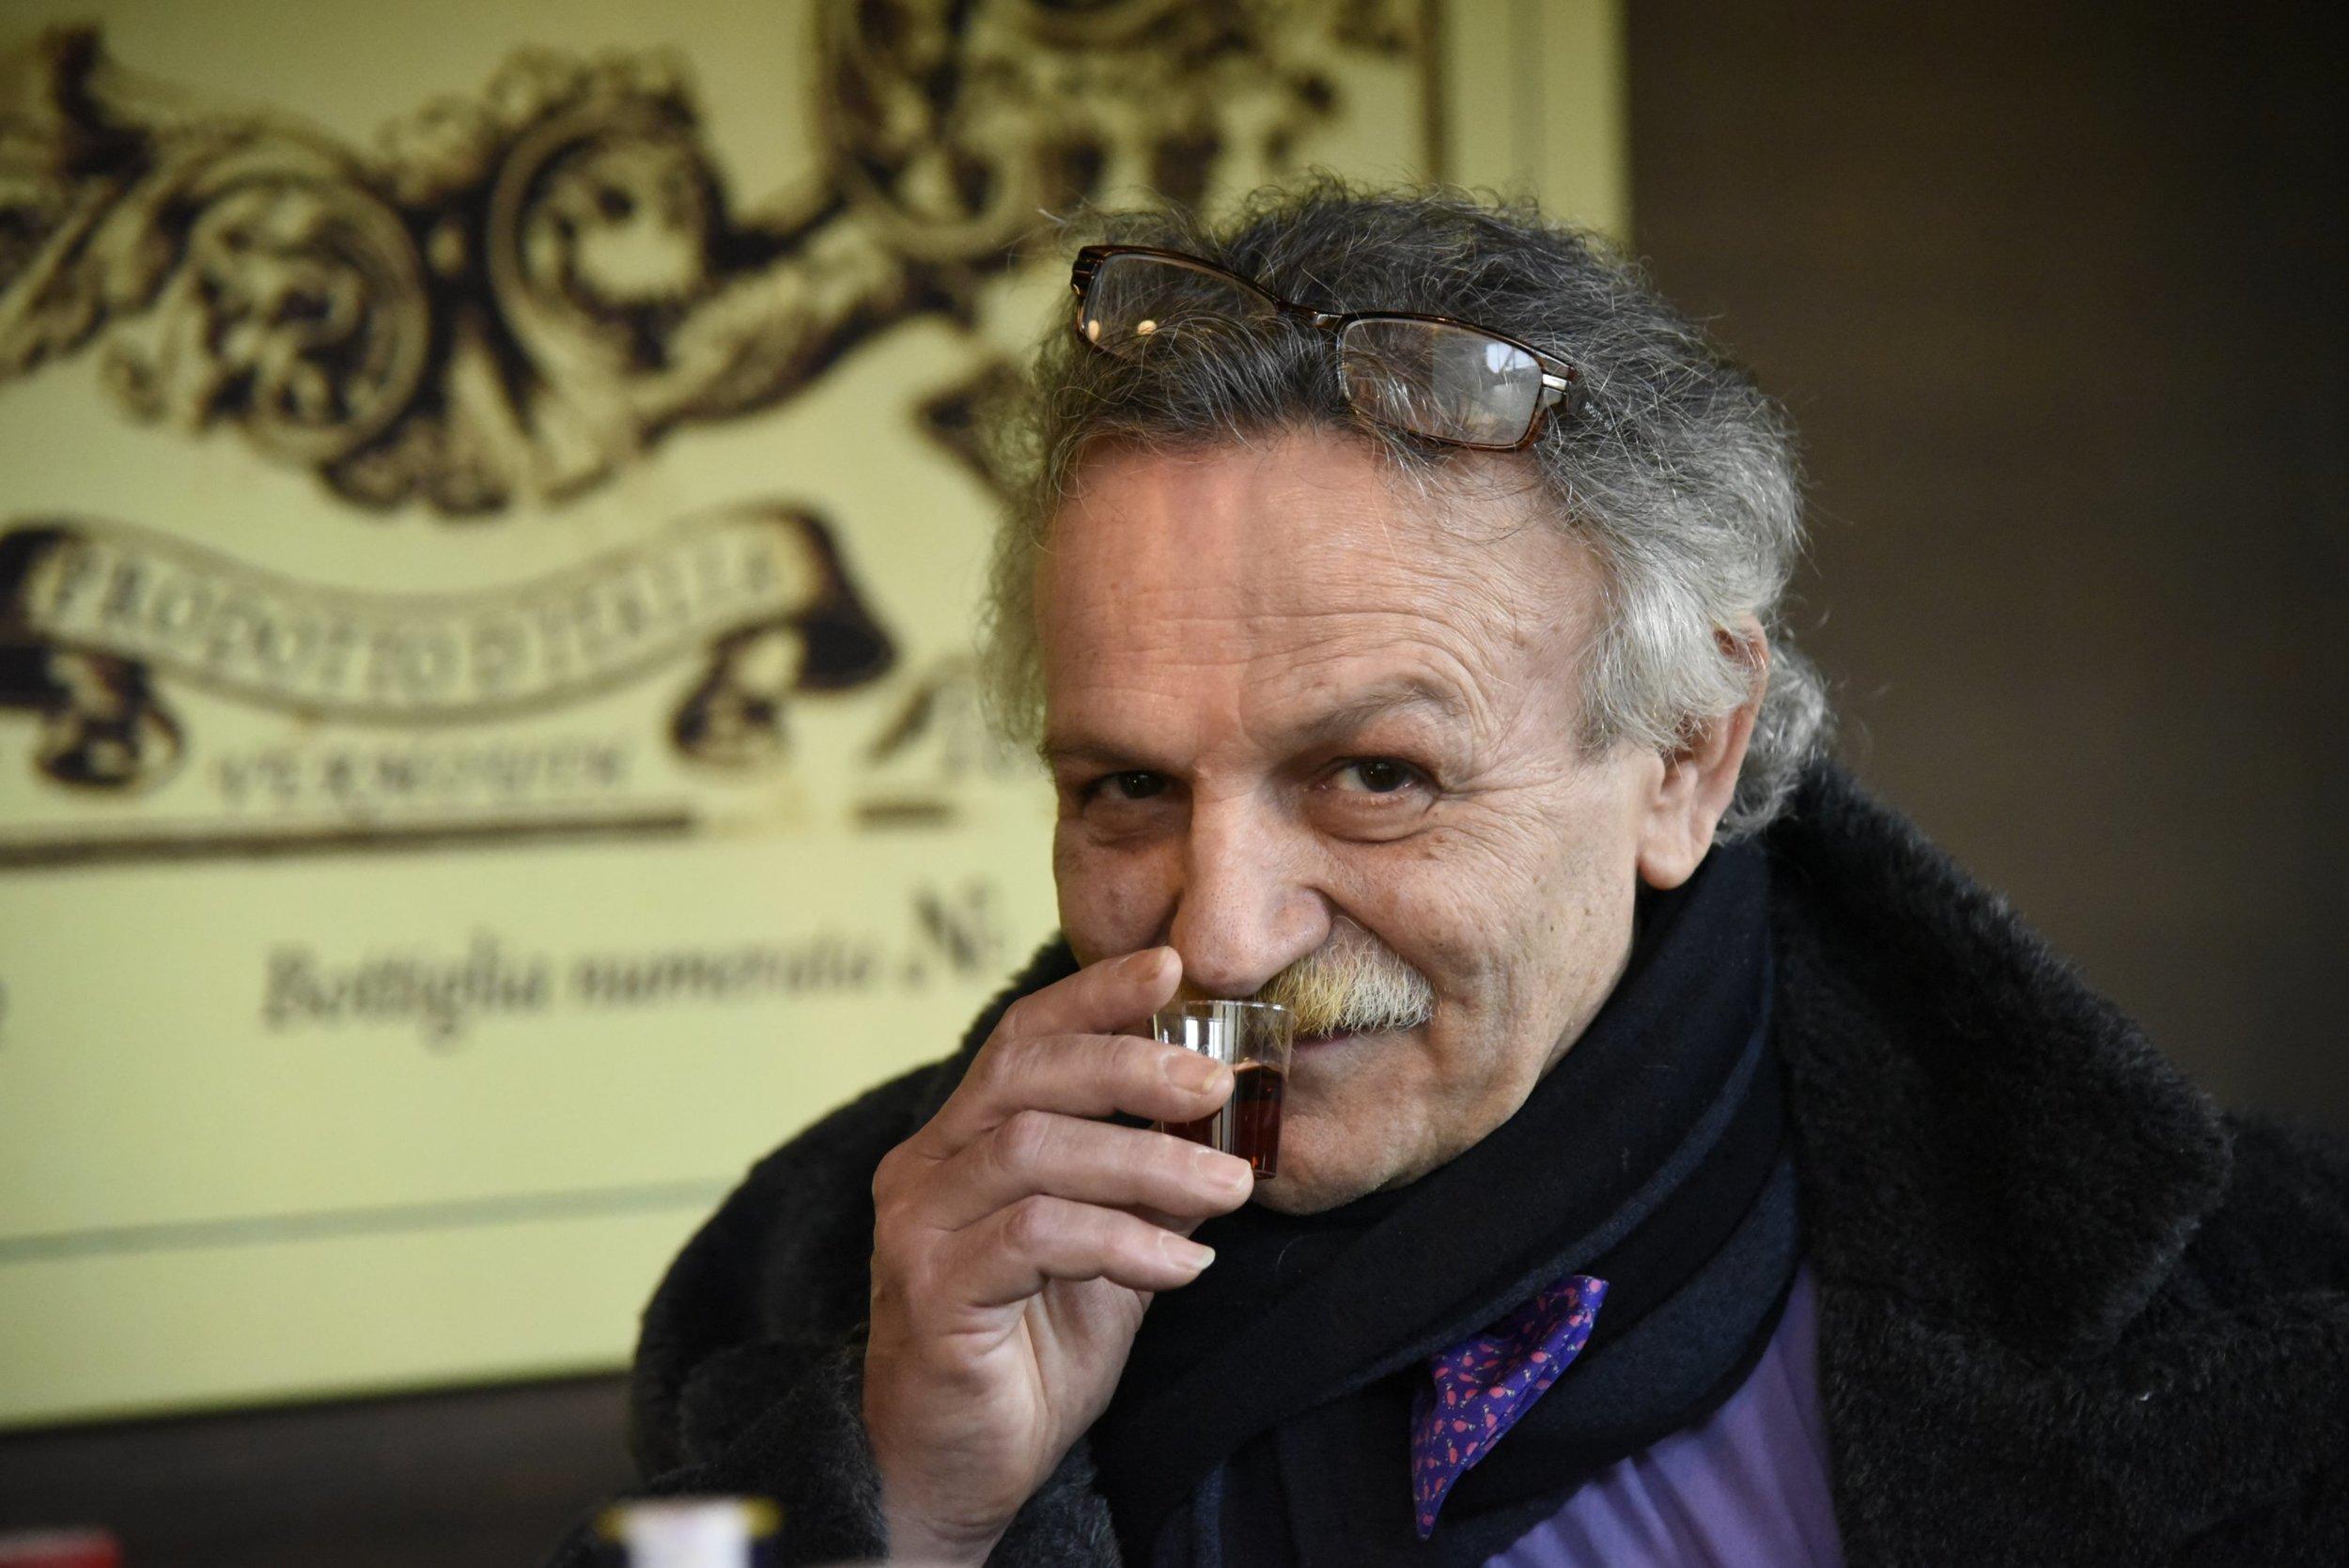 Mr. Angelo Corbetta